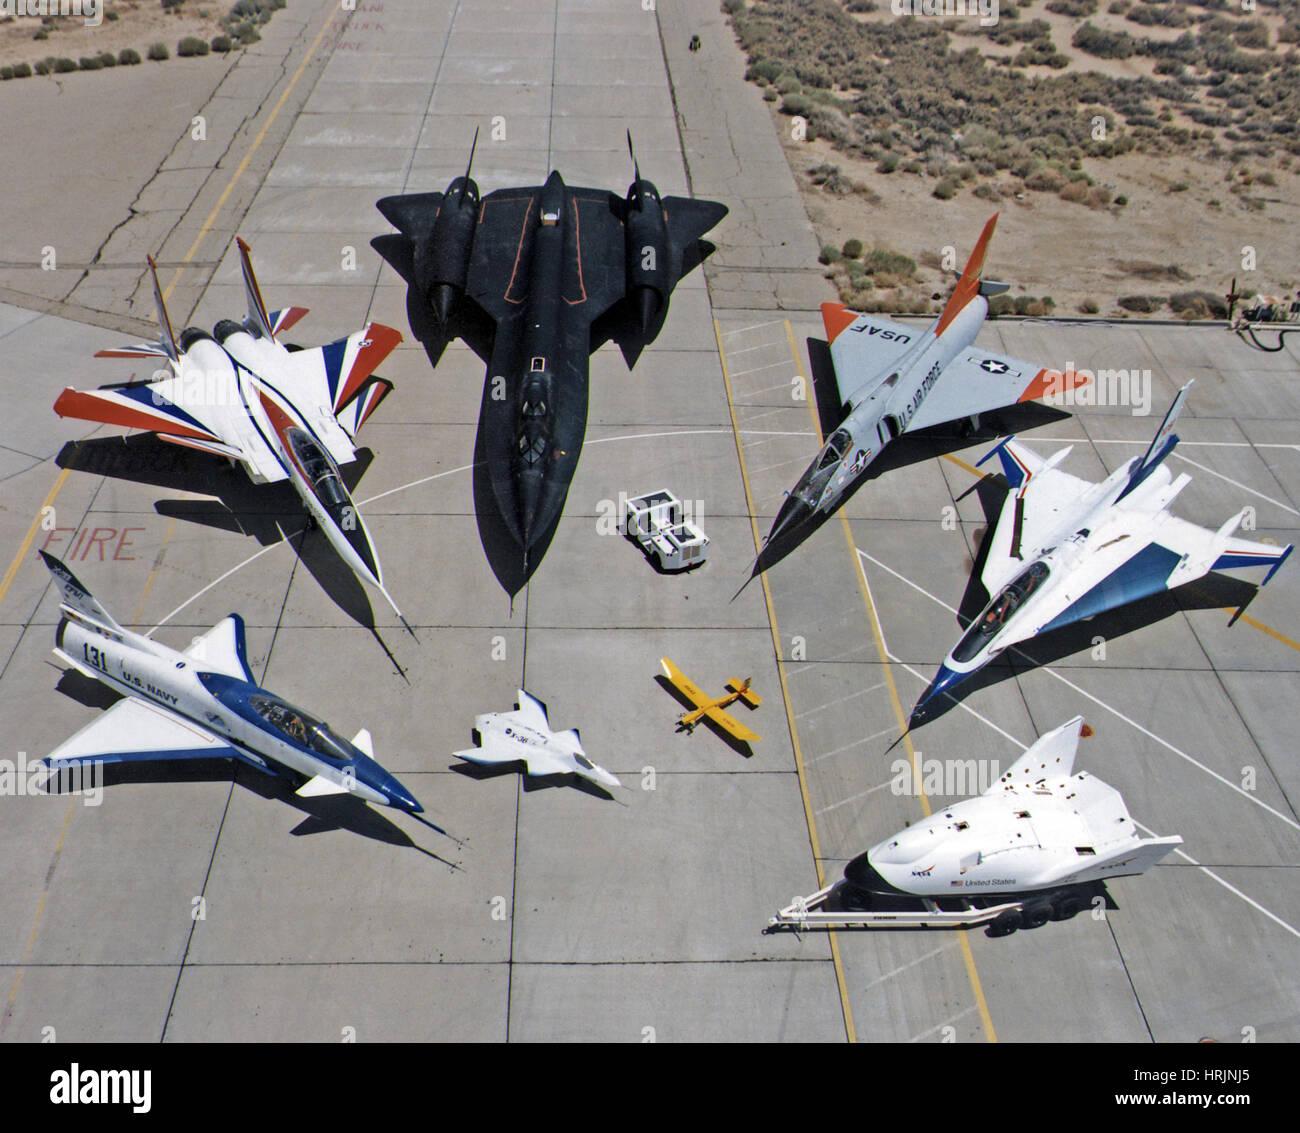 La flota de aviones de investigación Dryden, 1997 Imagen De Stock